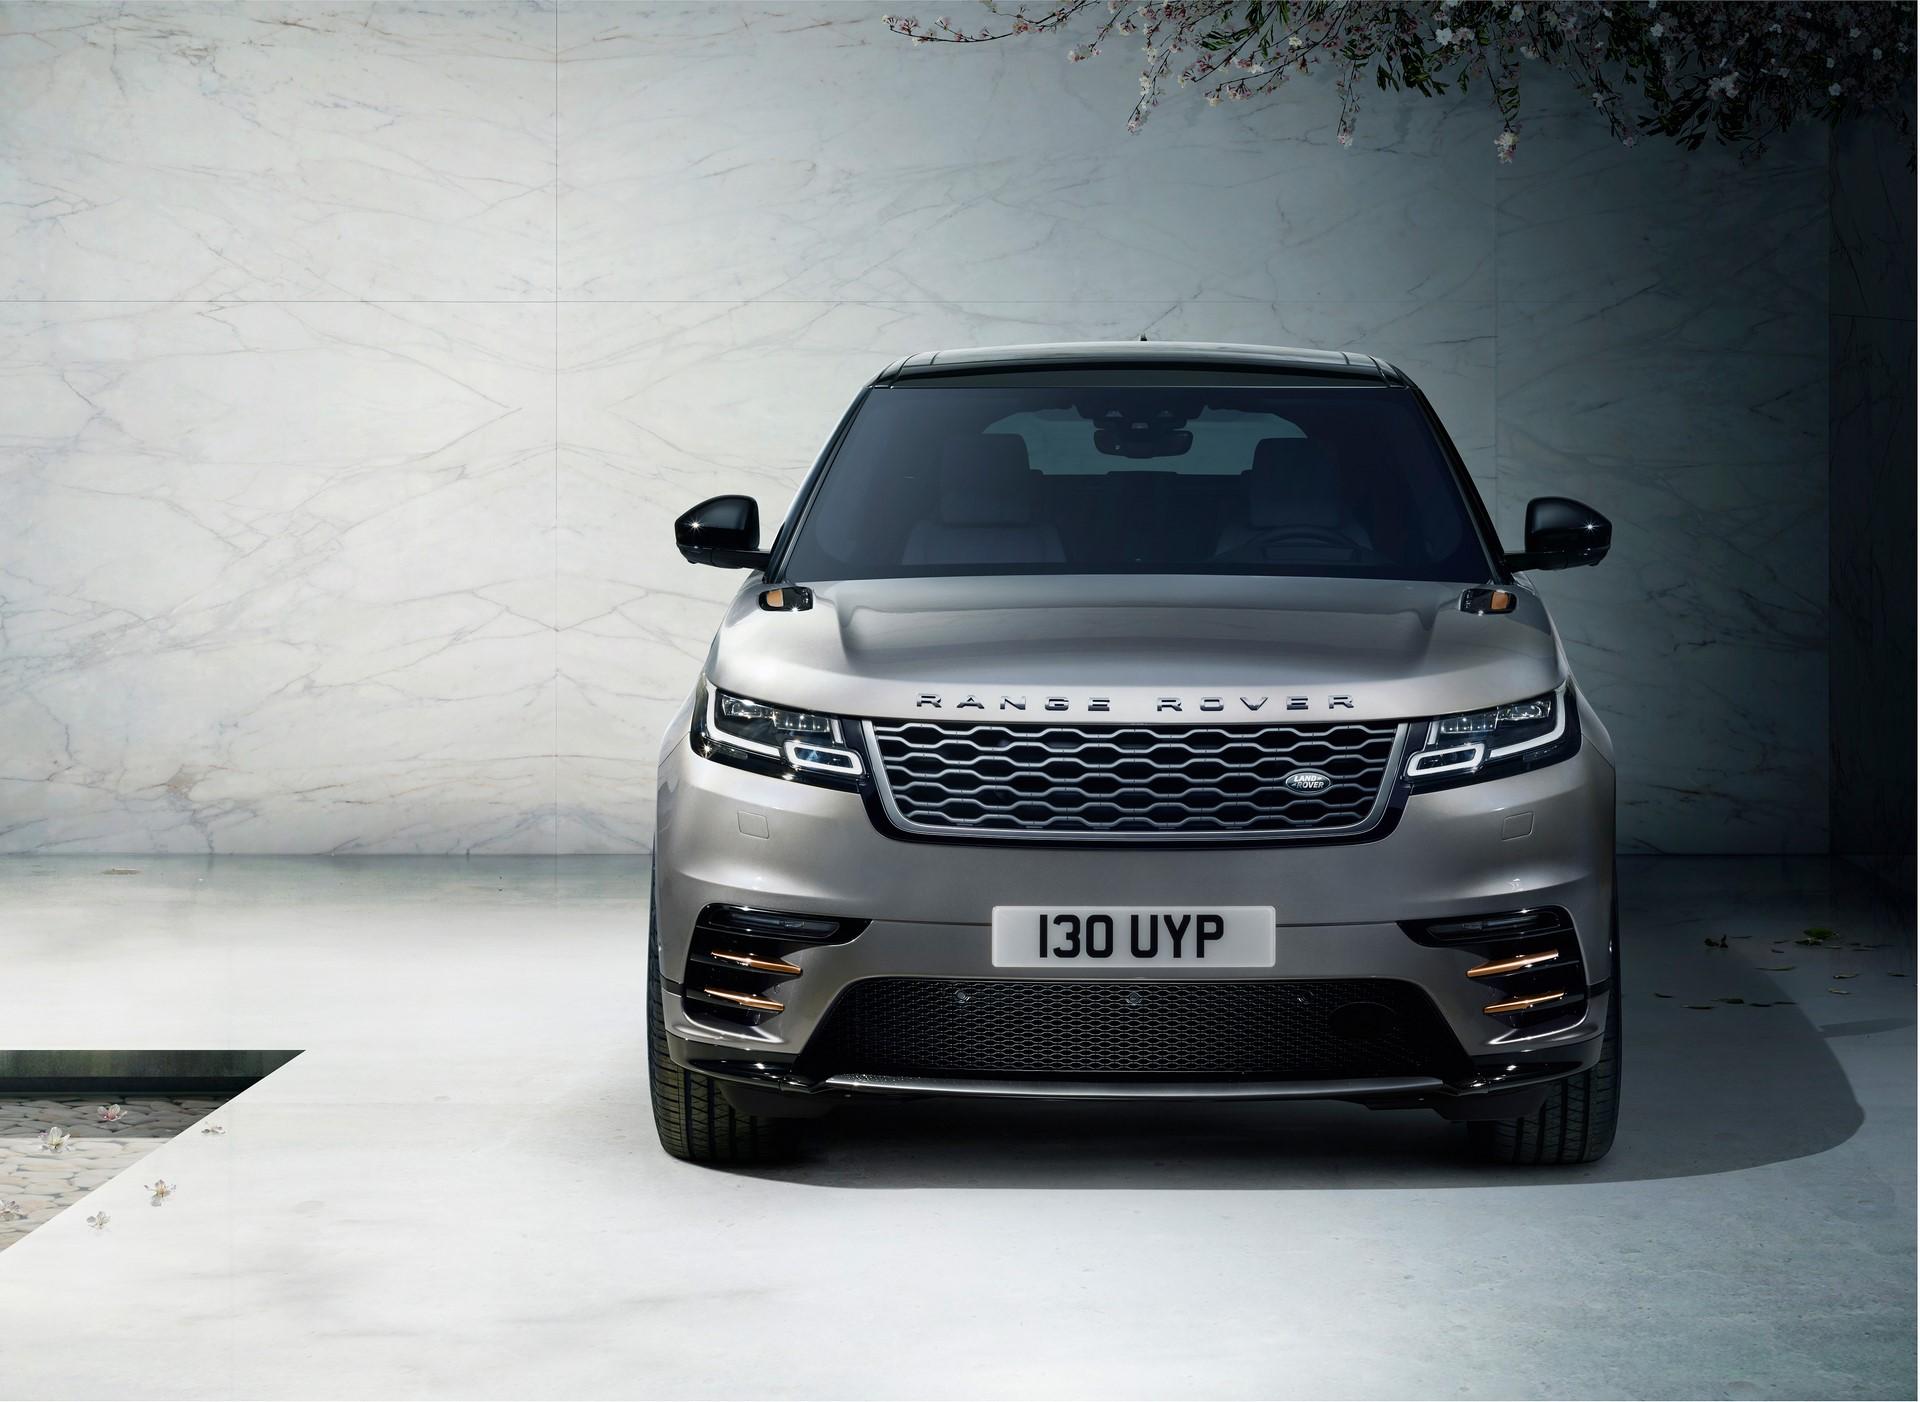 Range Rover Velar 2017 (35)